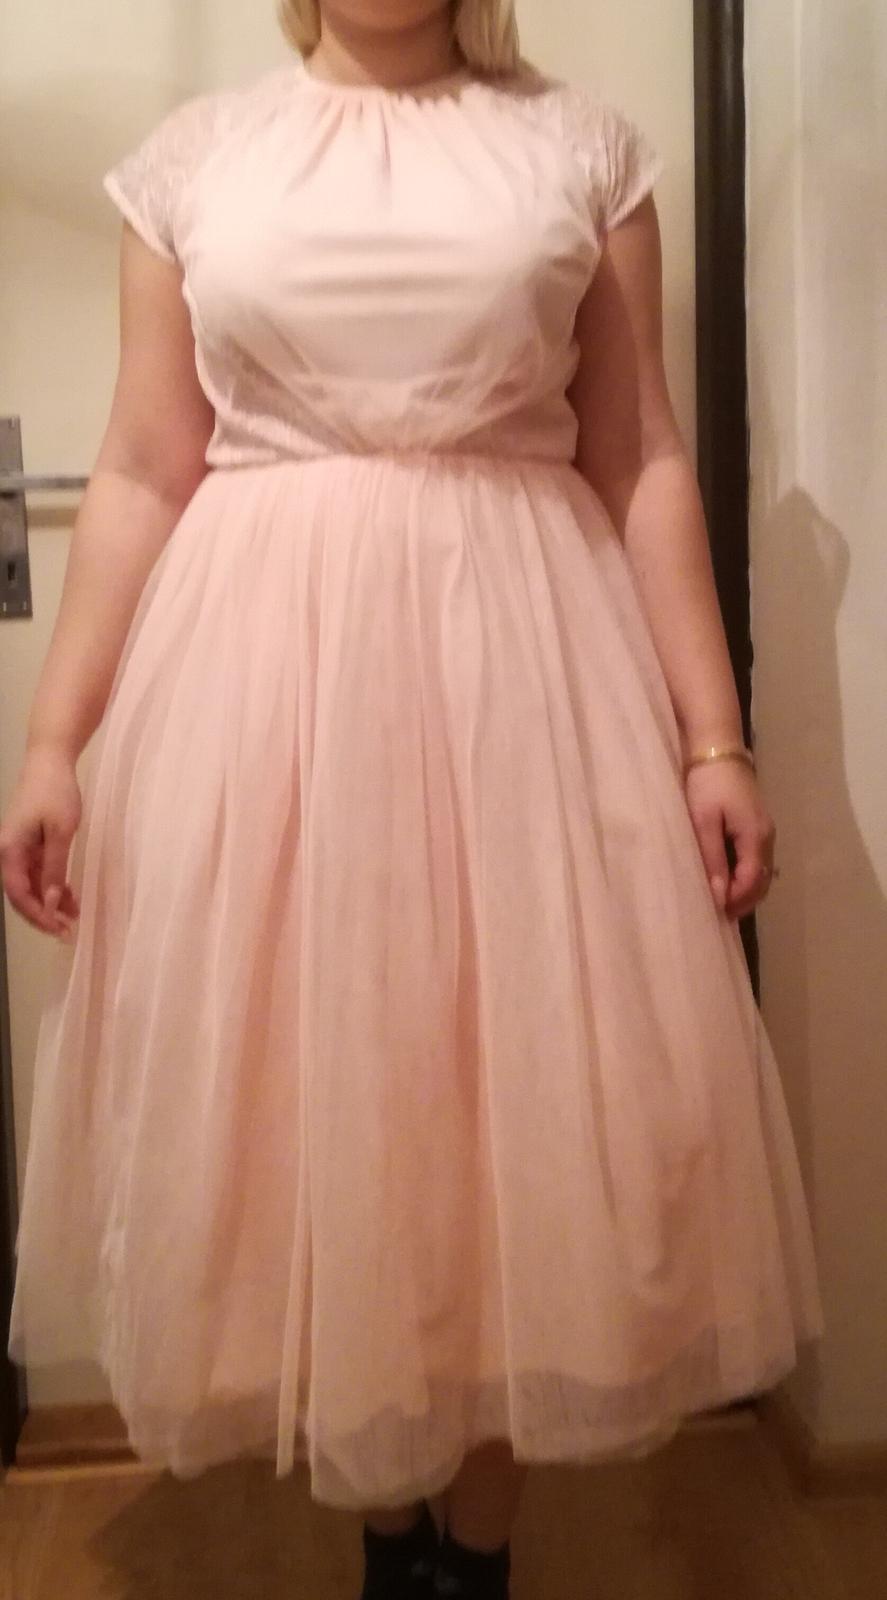 Staroružovē šaty veľkosti 10 - Obrázok č. 3